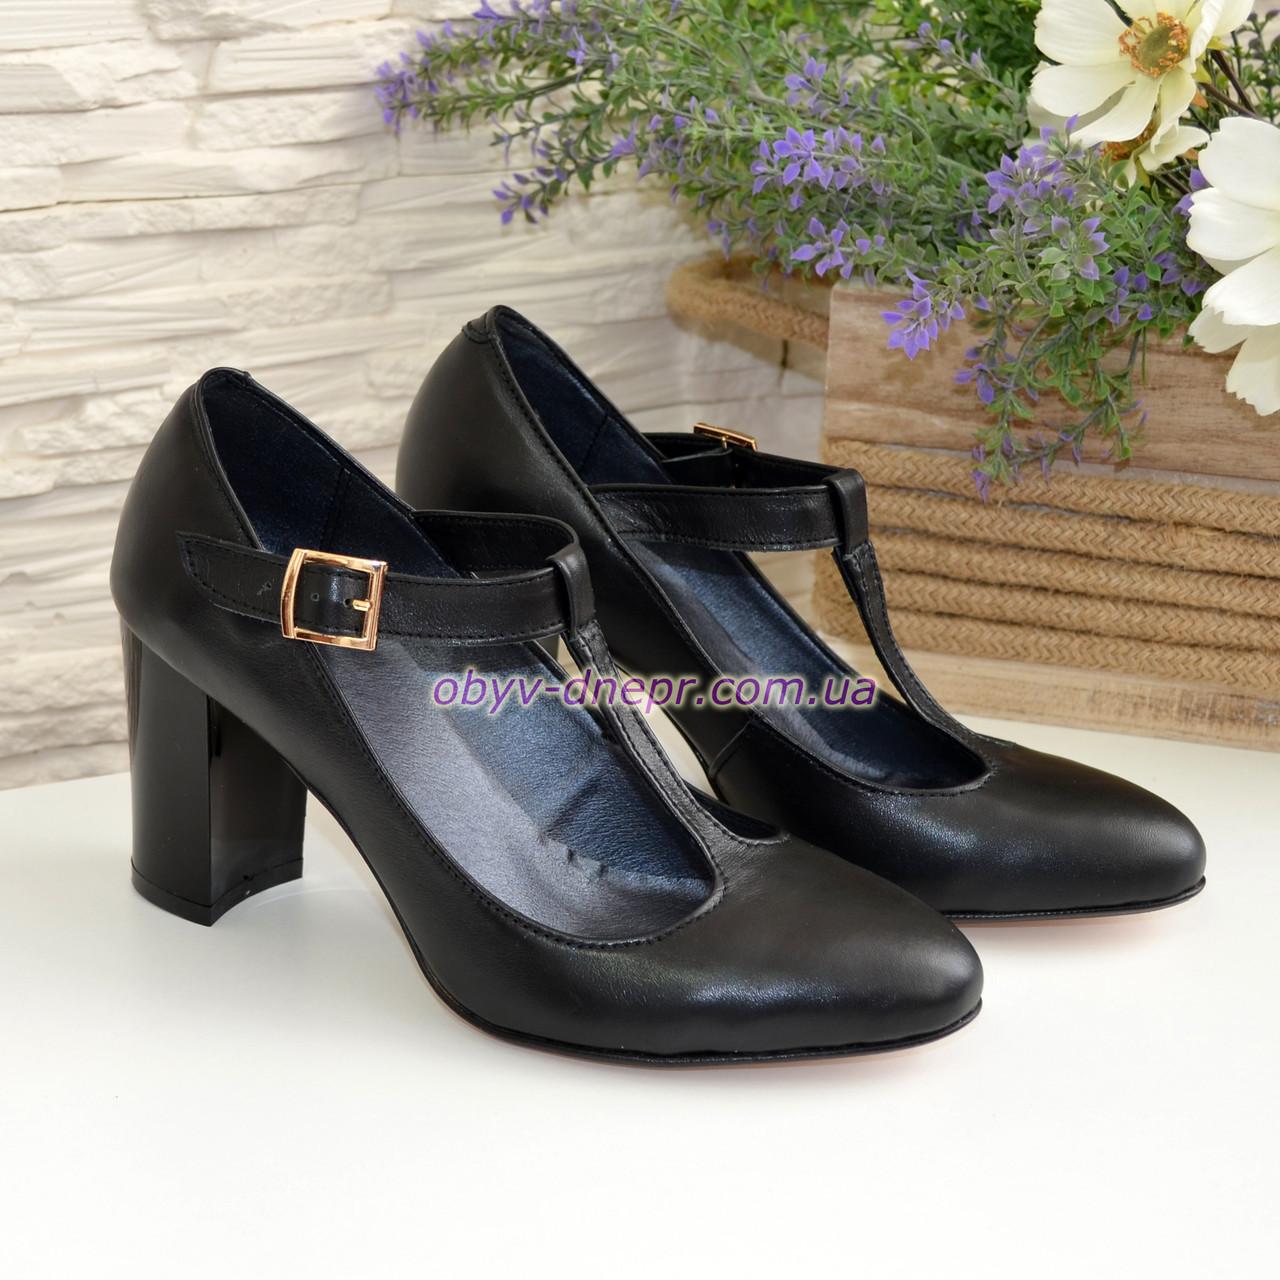 Купить Туфли женские кожаные на устойчивом каблуке ab6d4133ad55d